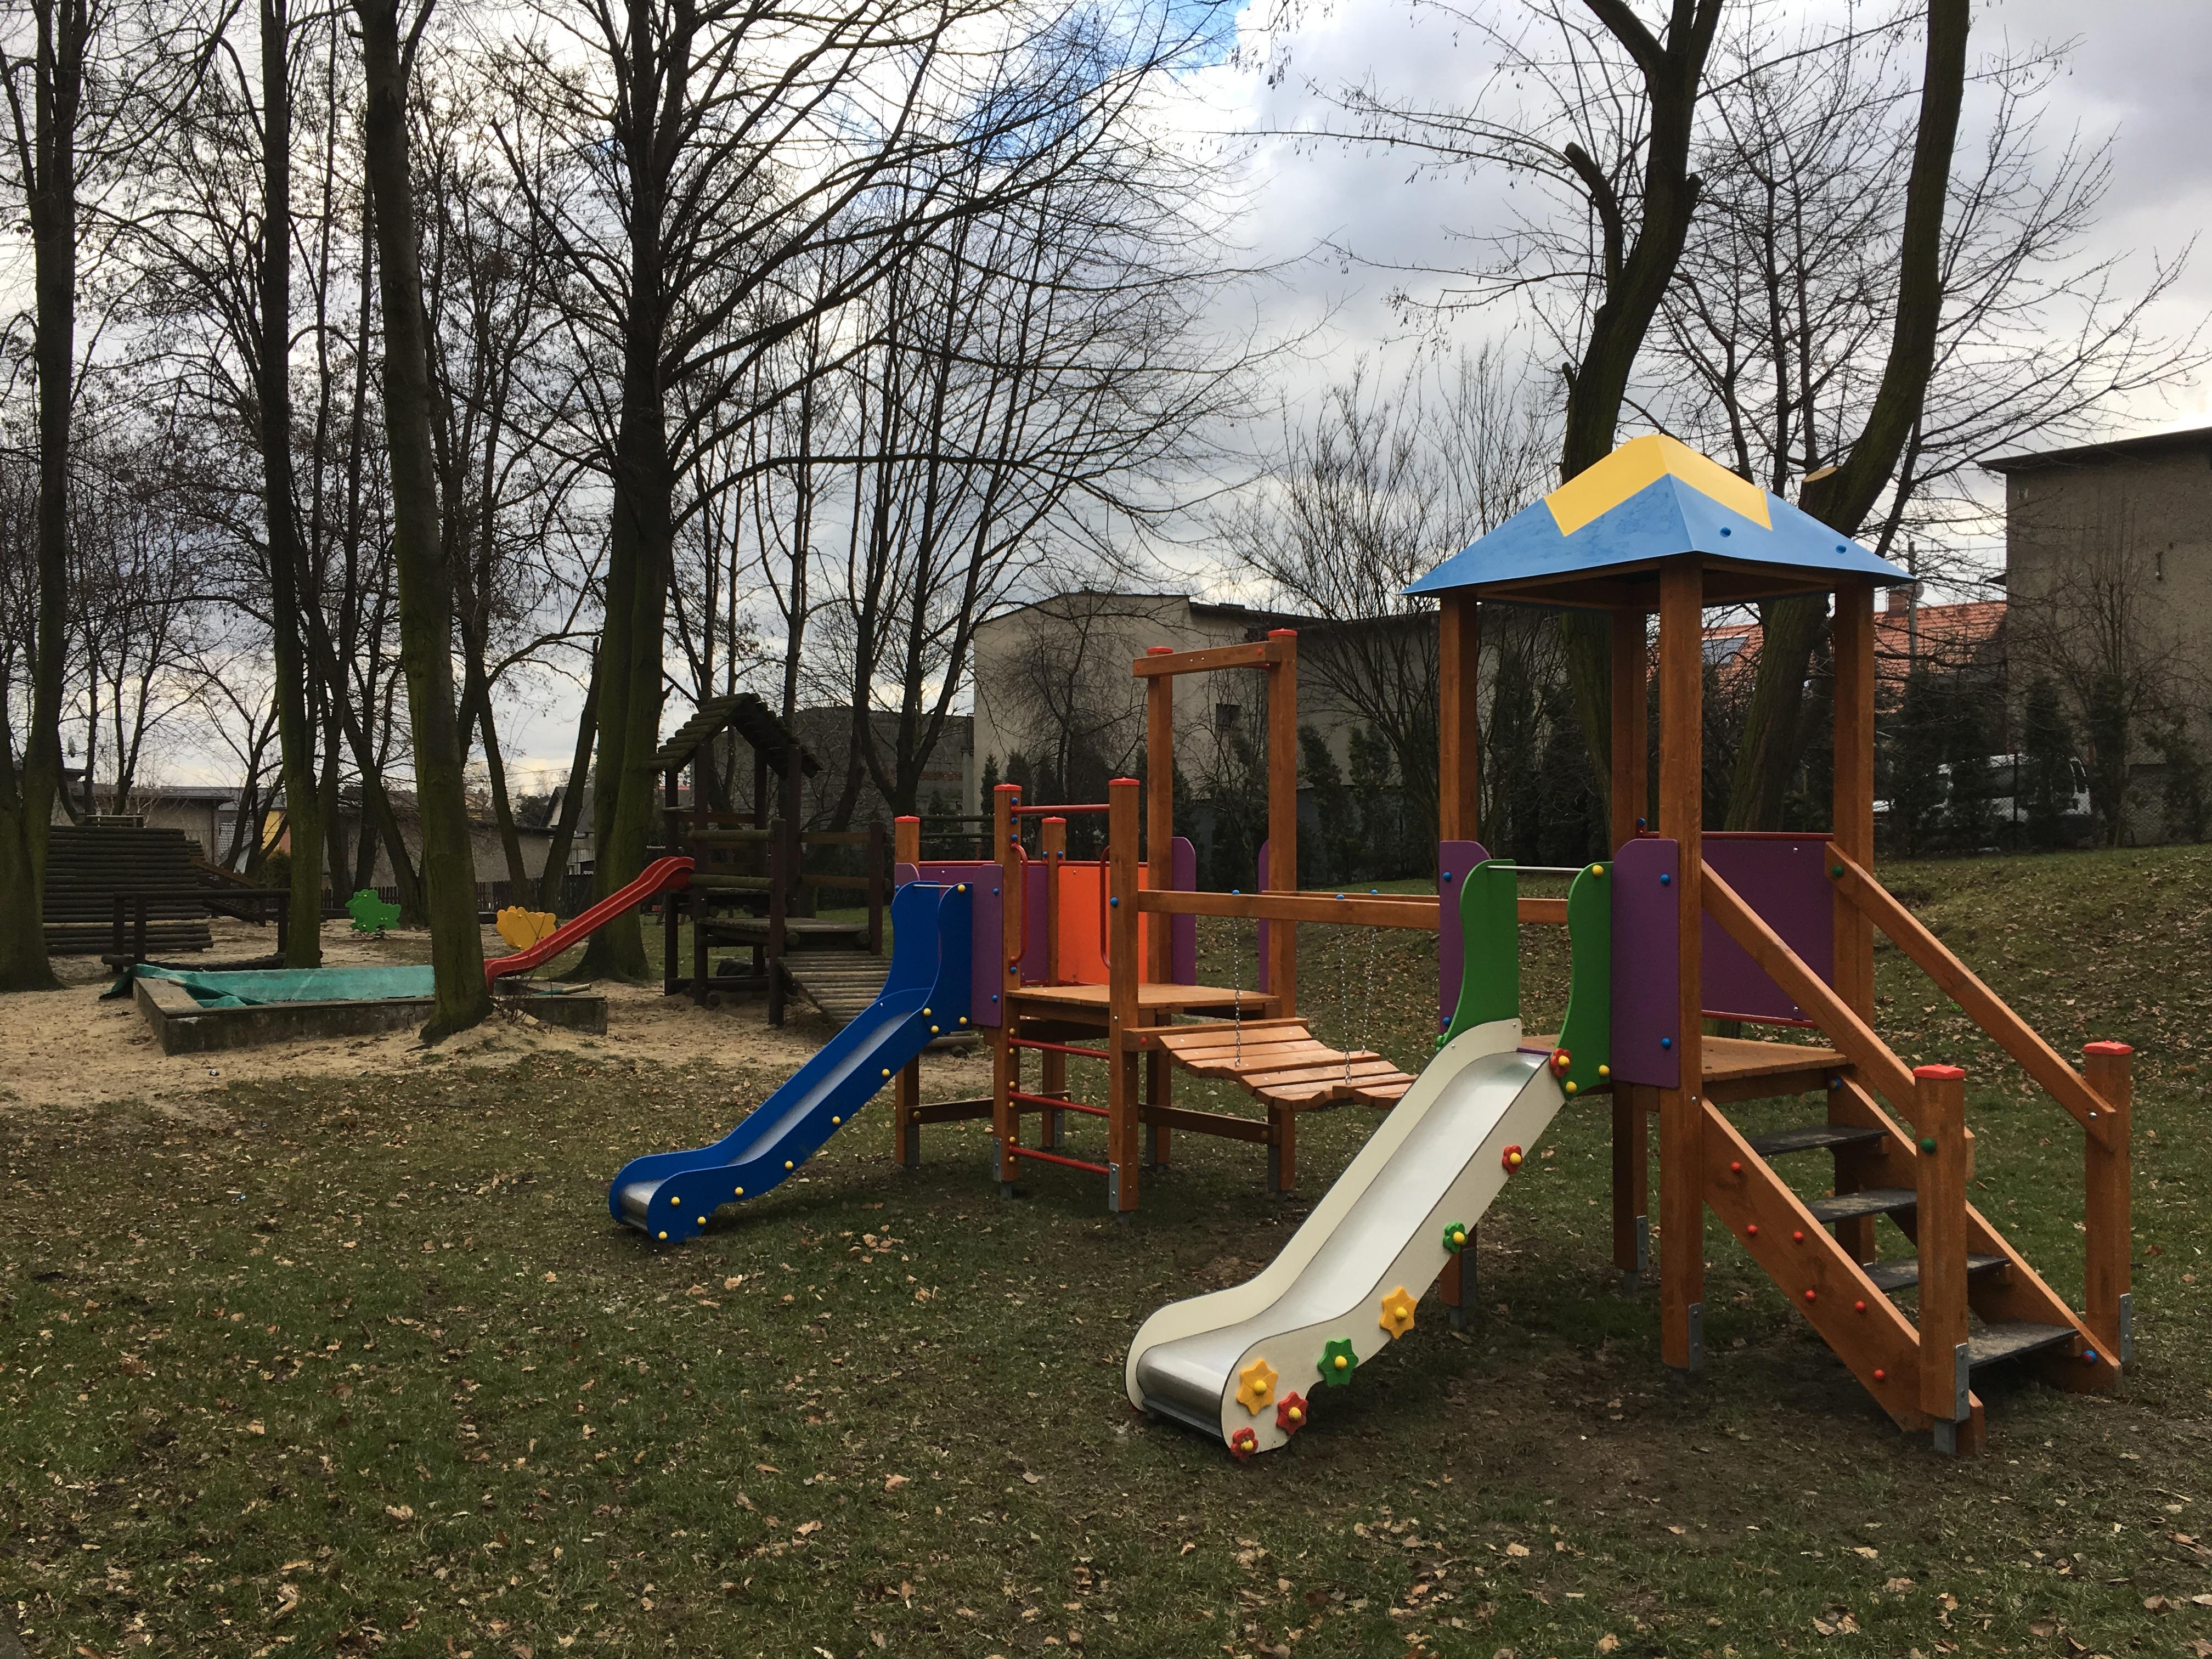 Doposażenie placu zabaw przy przedszkolu nr 11 w Mikołowie, ul. M. Kownackiej 1